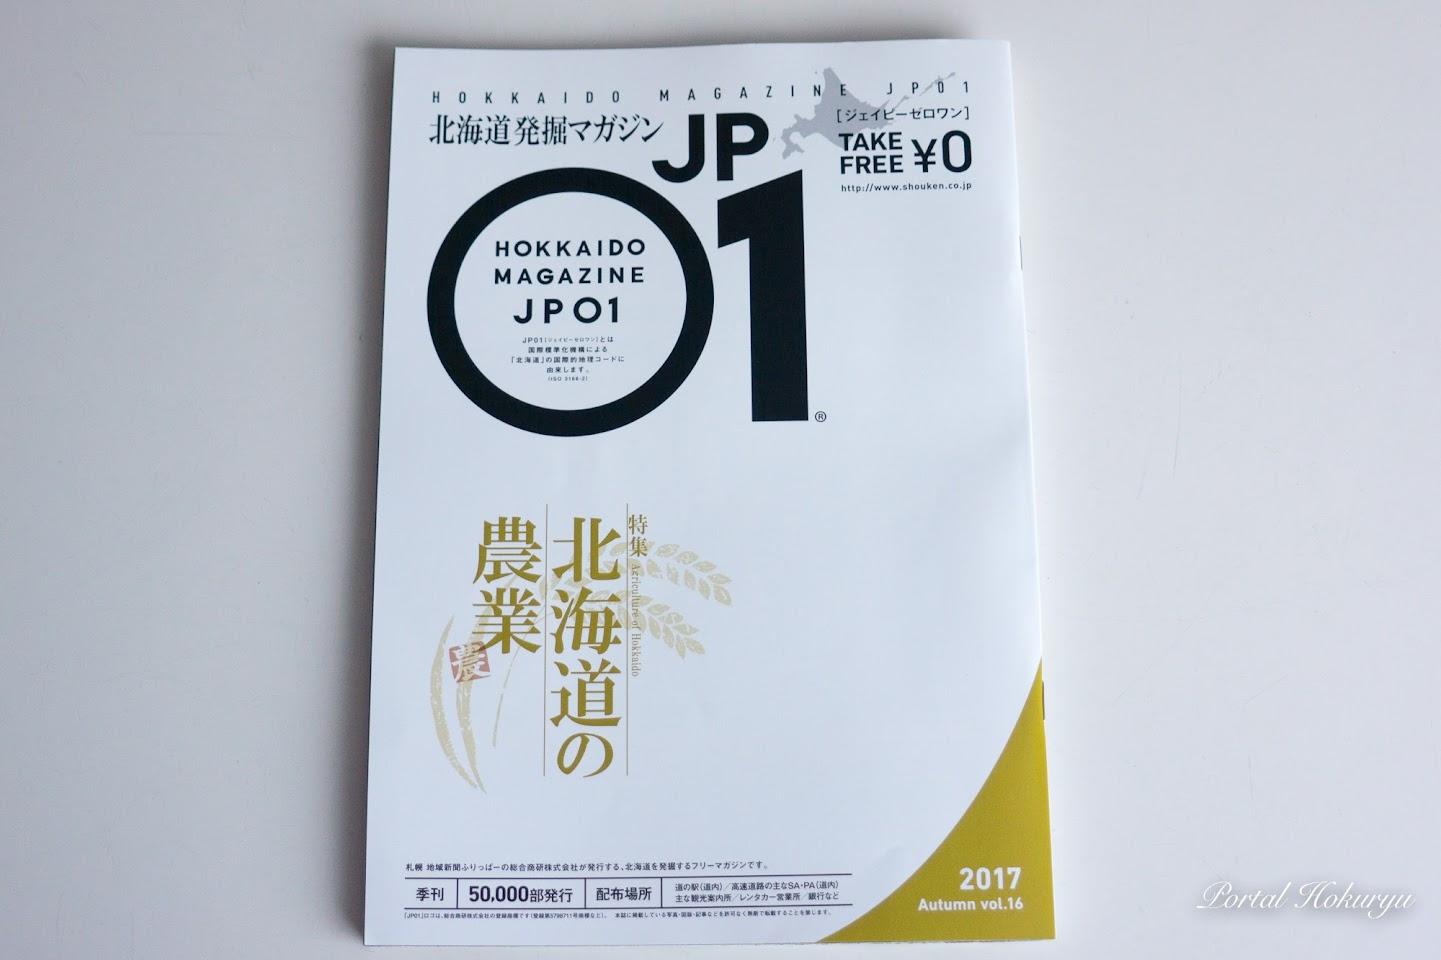 北海道発掘マガジン『JP01』2017 Autumn vol.6